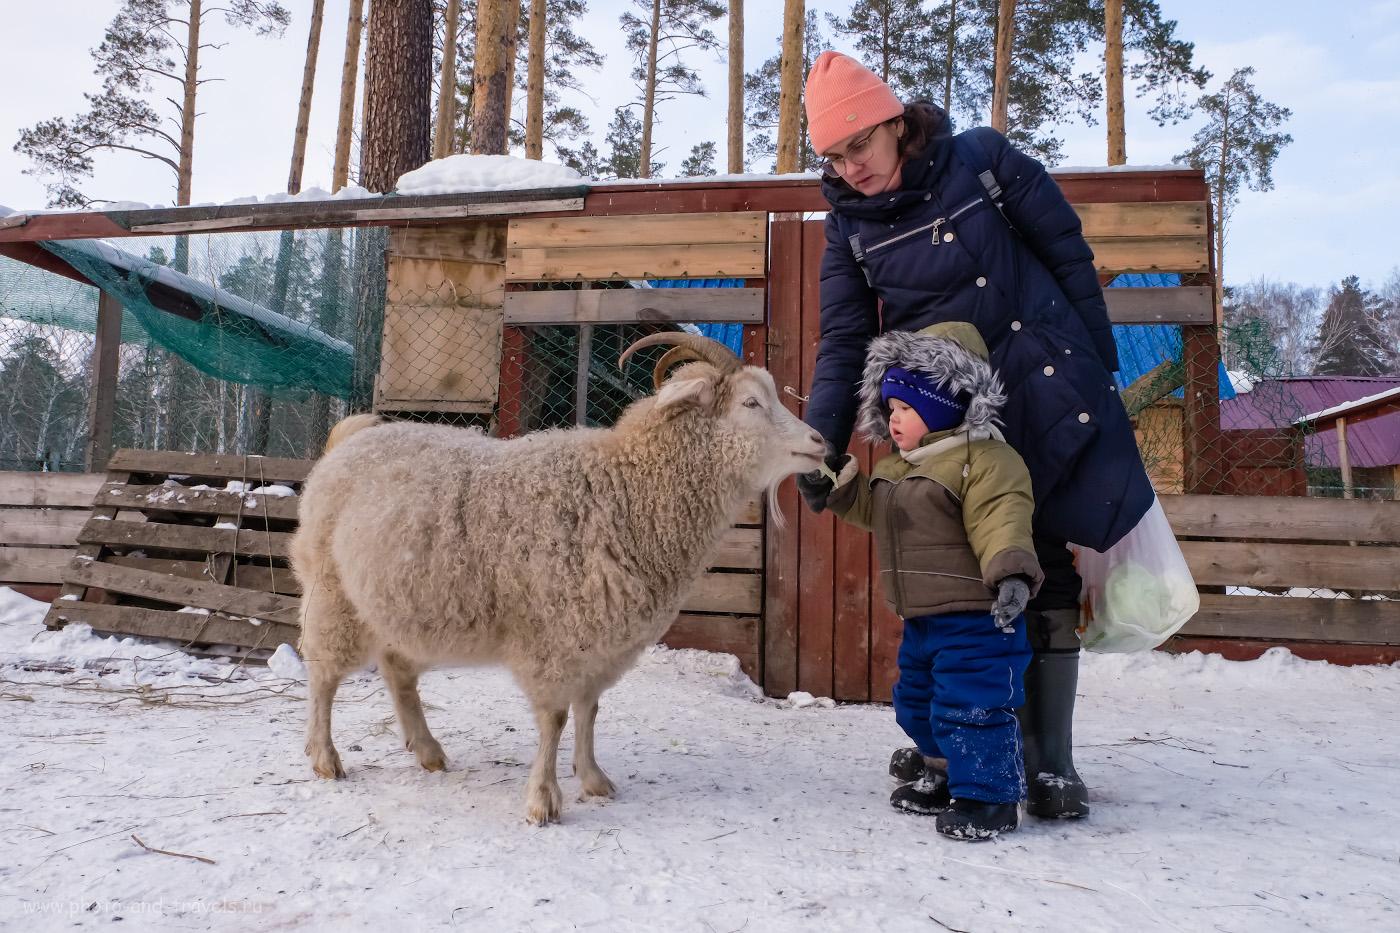 17. Теперь здесь есть и другие животные. Например, можно покормить козочек. 1/200, 2000, f/13, -0.33. 16.